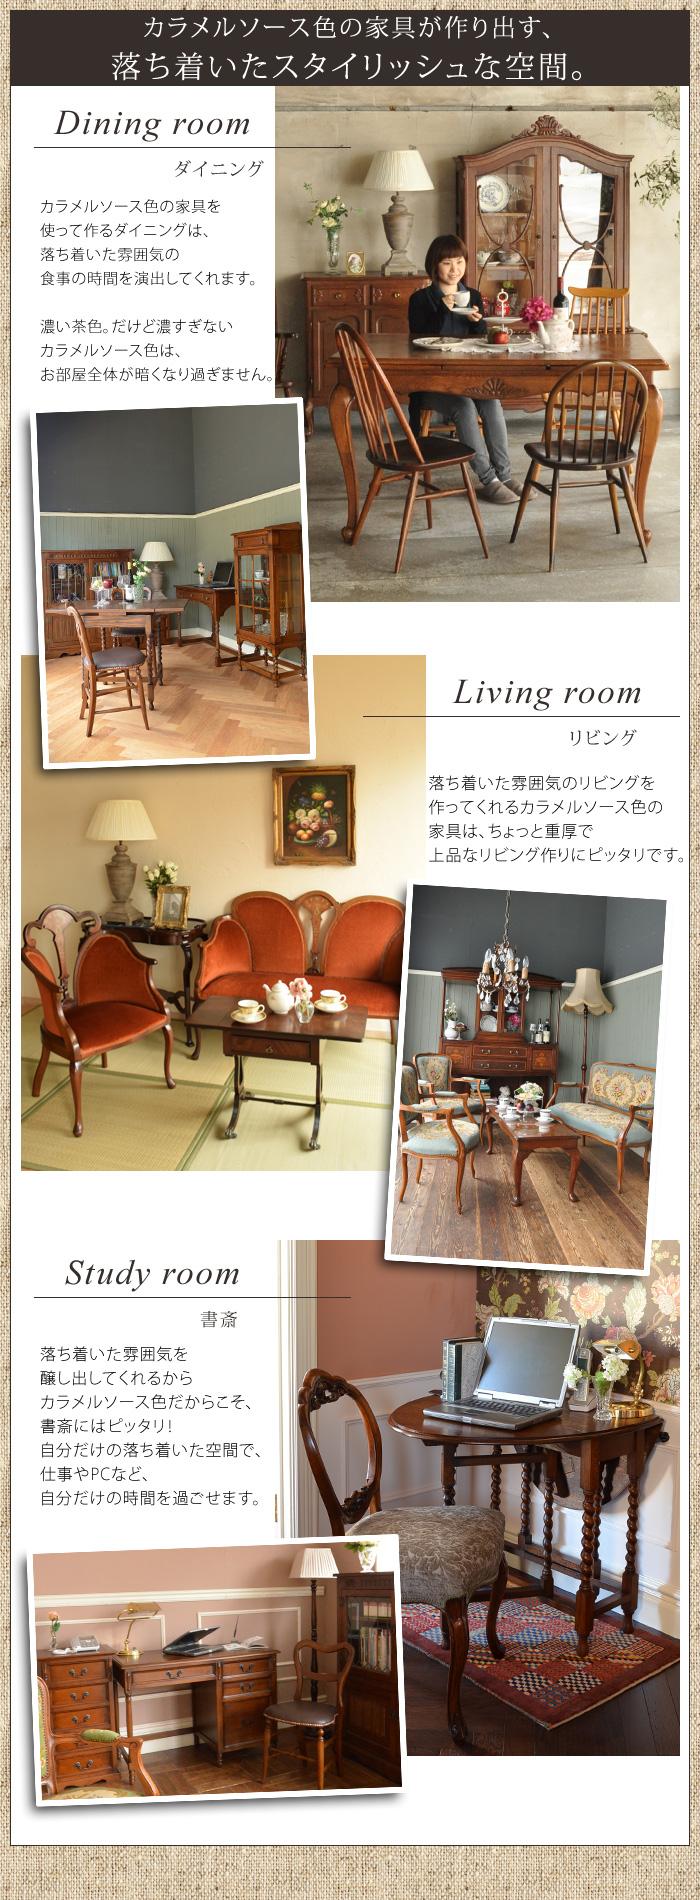 カラメルソース色の家具を使ったスタイリング